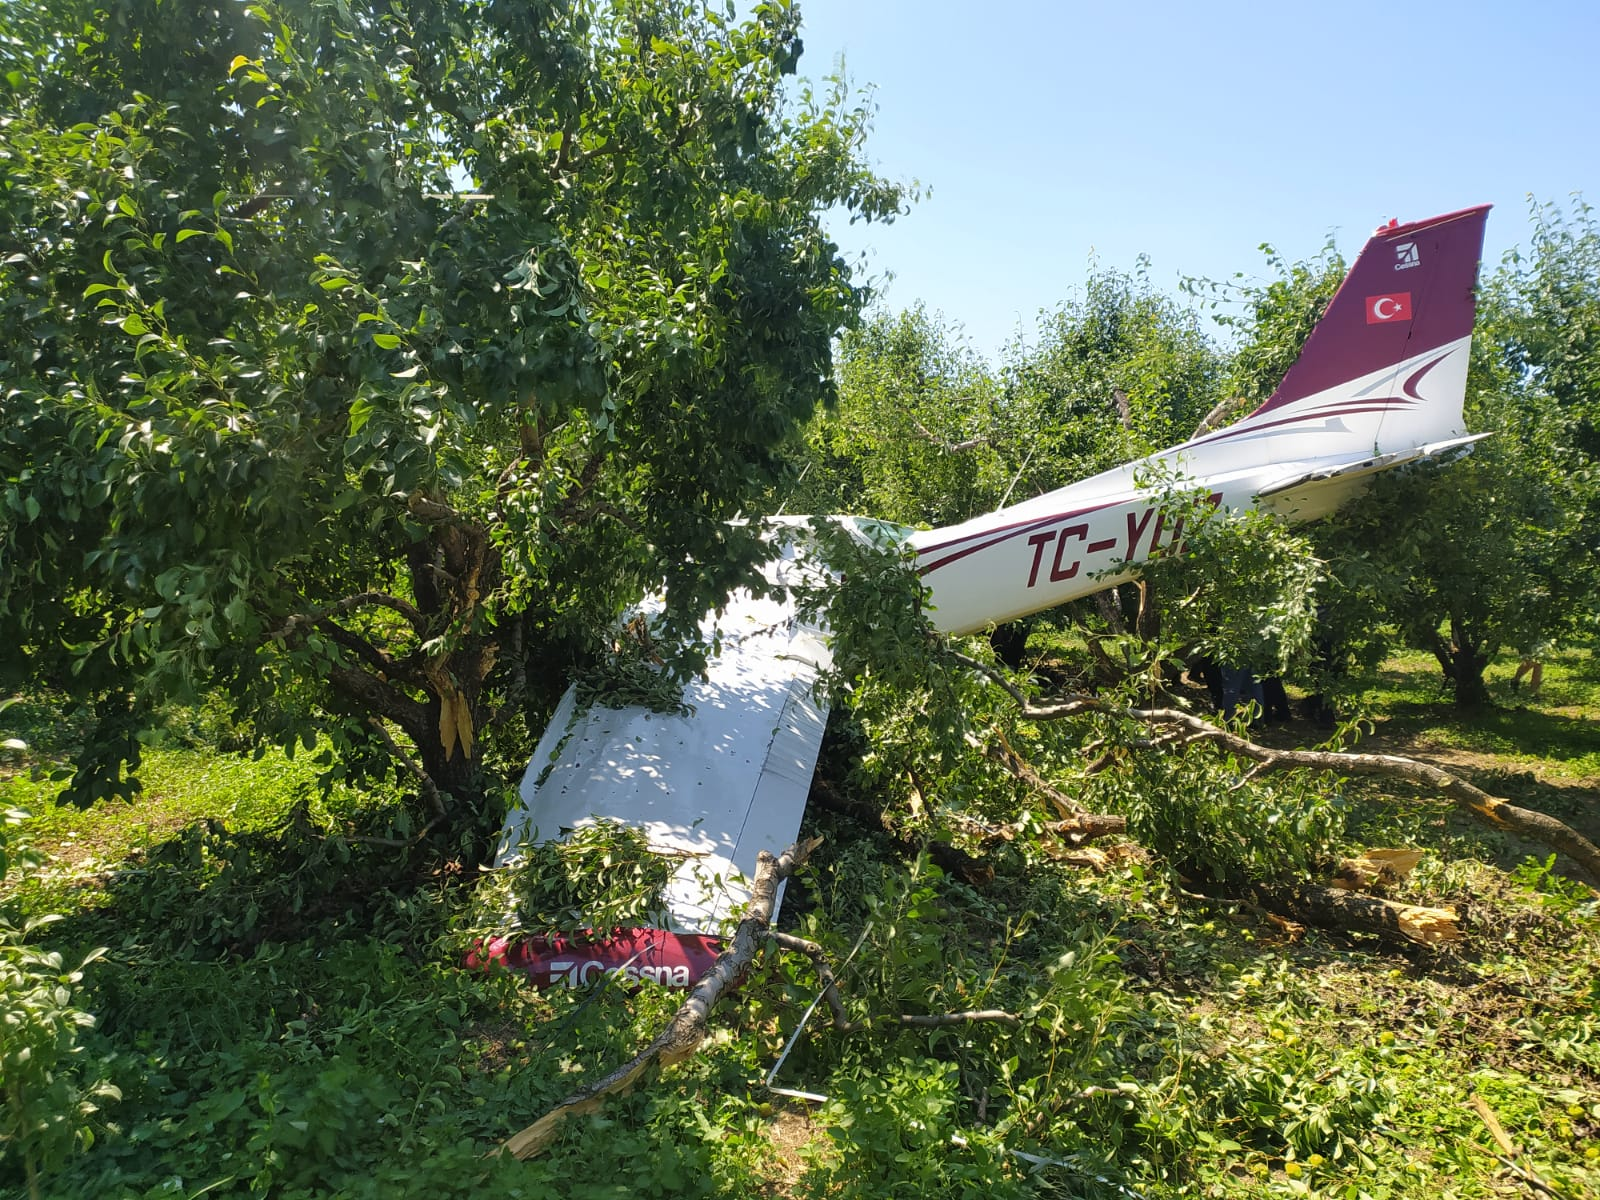 Bursa'da eğitim uçağından acil iniş: Cessna tipi uçak arızalandı, 2 yaralı!